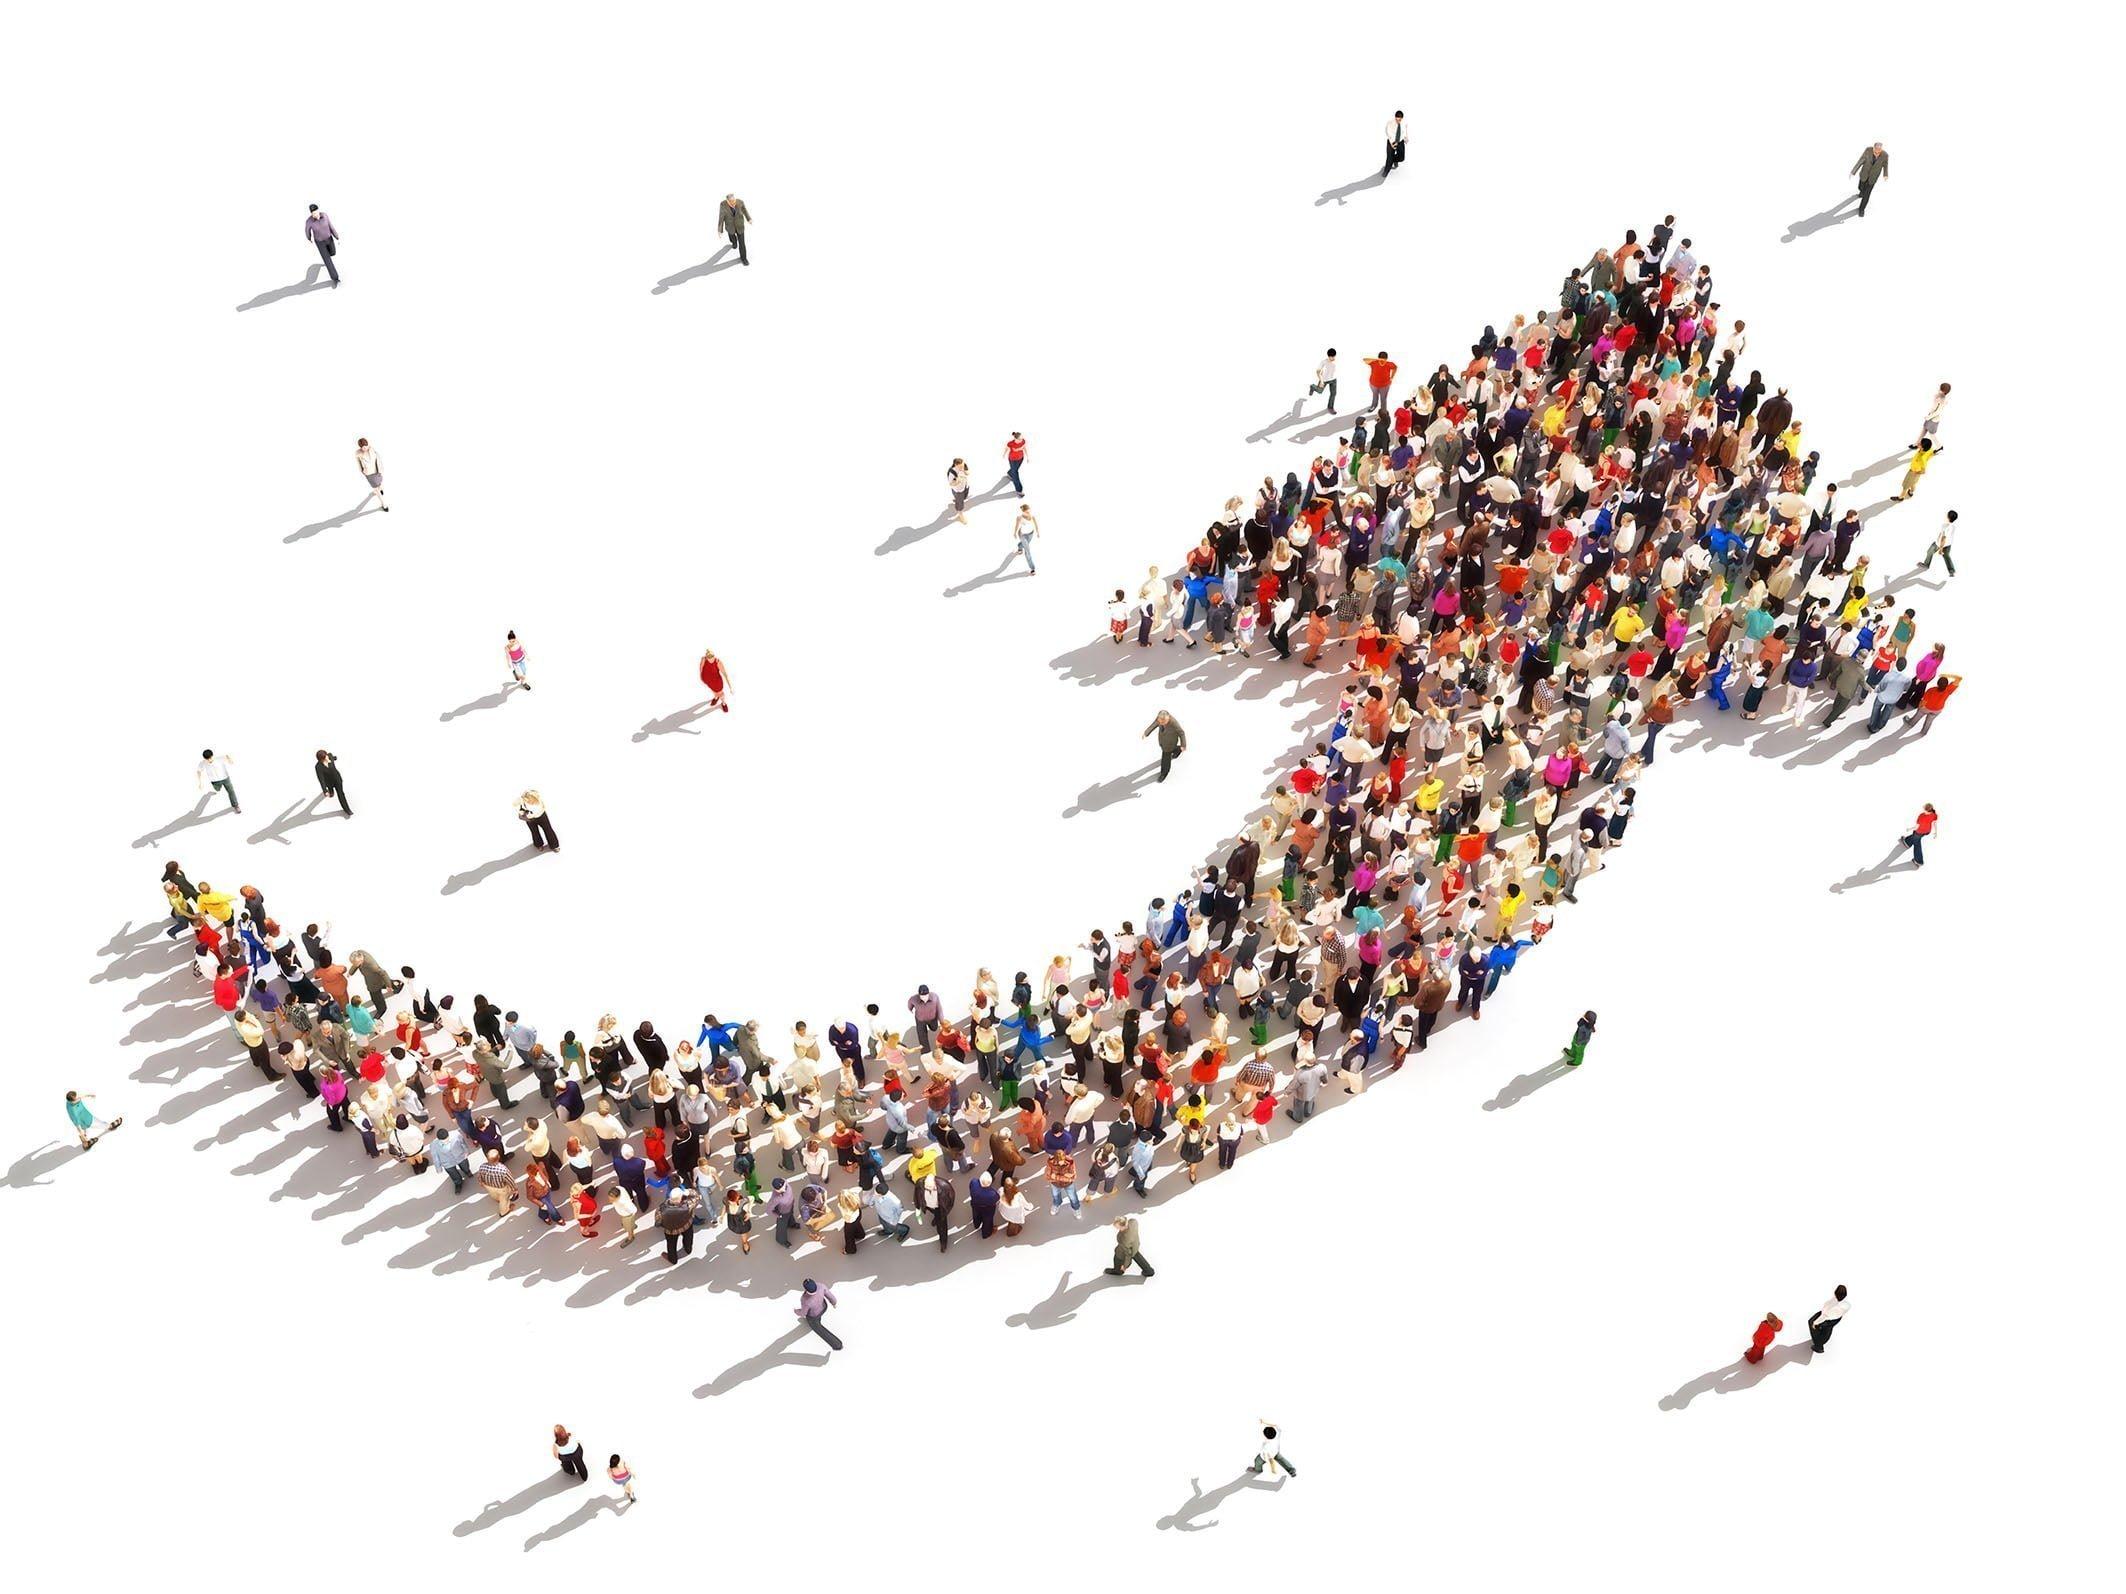 La percezione del cambiamento negli occhi dei decisori